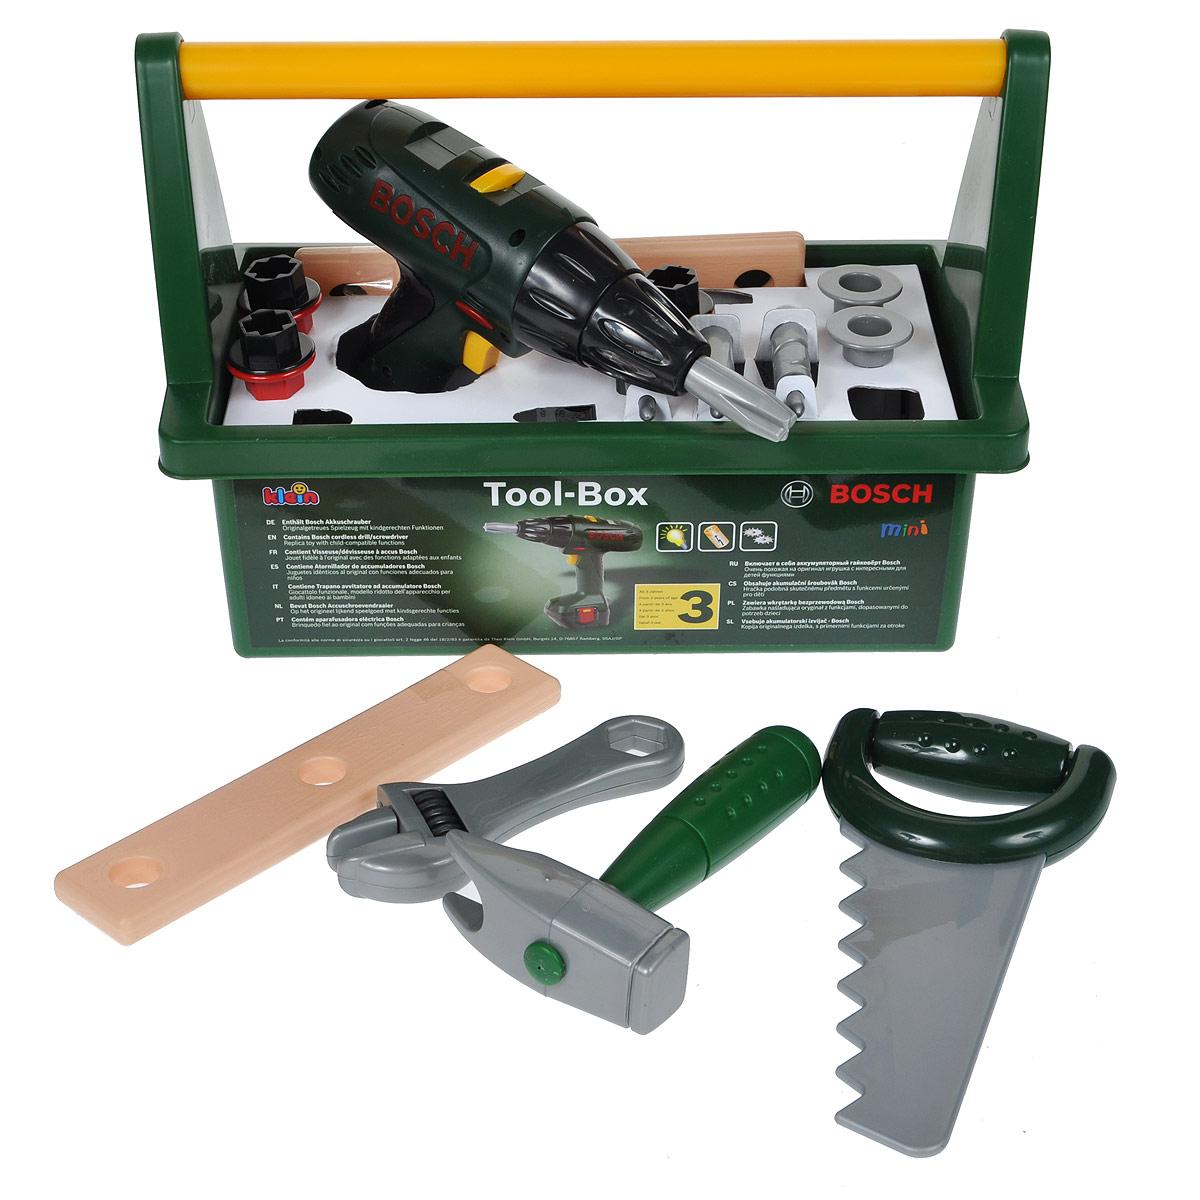 Набор инструментов Klein Bosch, в чемоданчике, 15 предметов8429Набор инструментов Klein Bosch, выполненных из прочного безопасного пластика, непременно понравится юному строителю. Набор состоит из 15 предметов, являющихся копиями реальных инструментов и предметов. В комплект набора входят: шуруповерт с четырьмя сменными насадками, которые вращаются при включении; молоток, пила, гаечный ключ, две детали с отверстиями, четыре шурупа с винтами и два гвоздика. Шуруповерт оснащен световыми и звуковыми эффектами, что придает игре реалистичность. Элементы набора упакованы в пластиковый чемоданчик с удобной ручкой, в котором их удобно хранить и переносить. Набор инструментов Klein Bosch отлично подойдет для ролевых игр ребенка, как в помещении, так и на свежем воздухе. Шуруповерт работает от 3 батарей напряжением 1,5V типа АА (не входят в комплект).